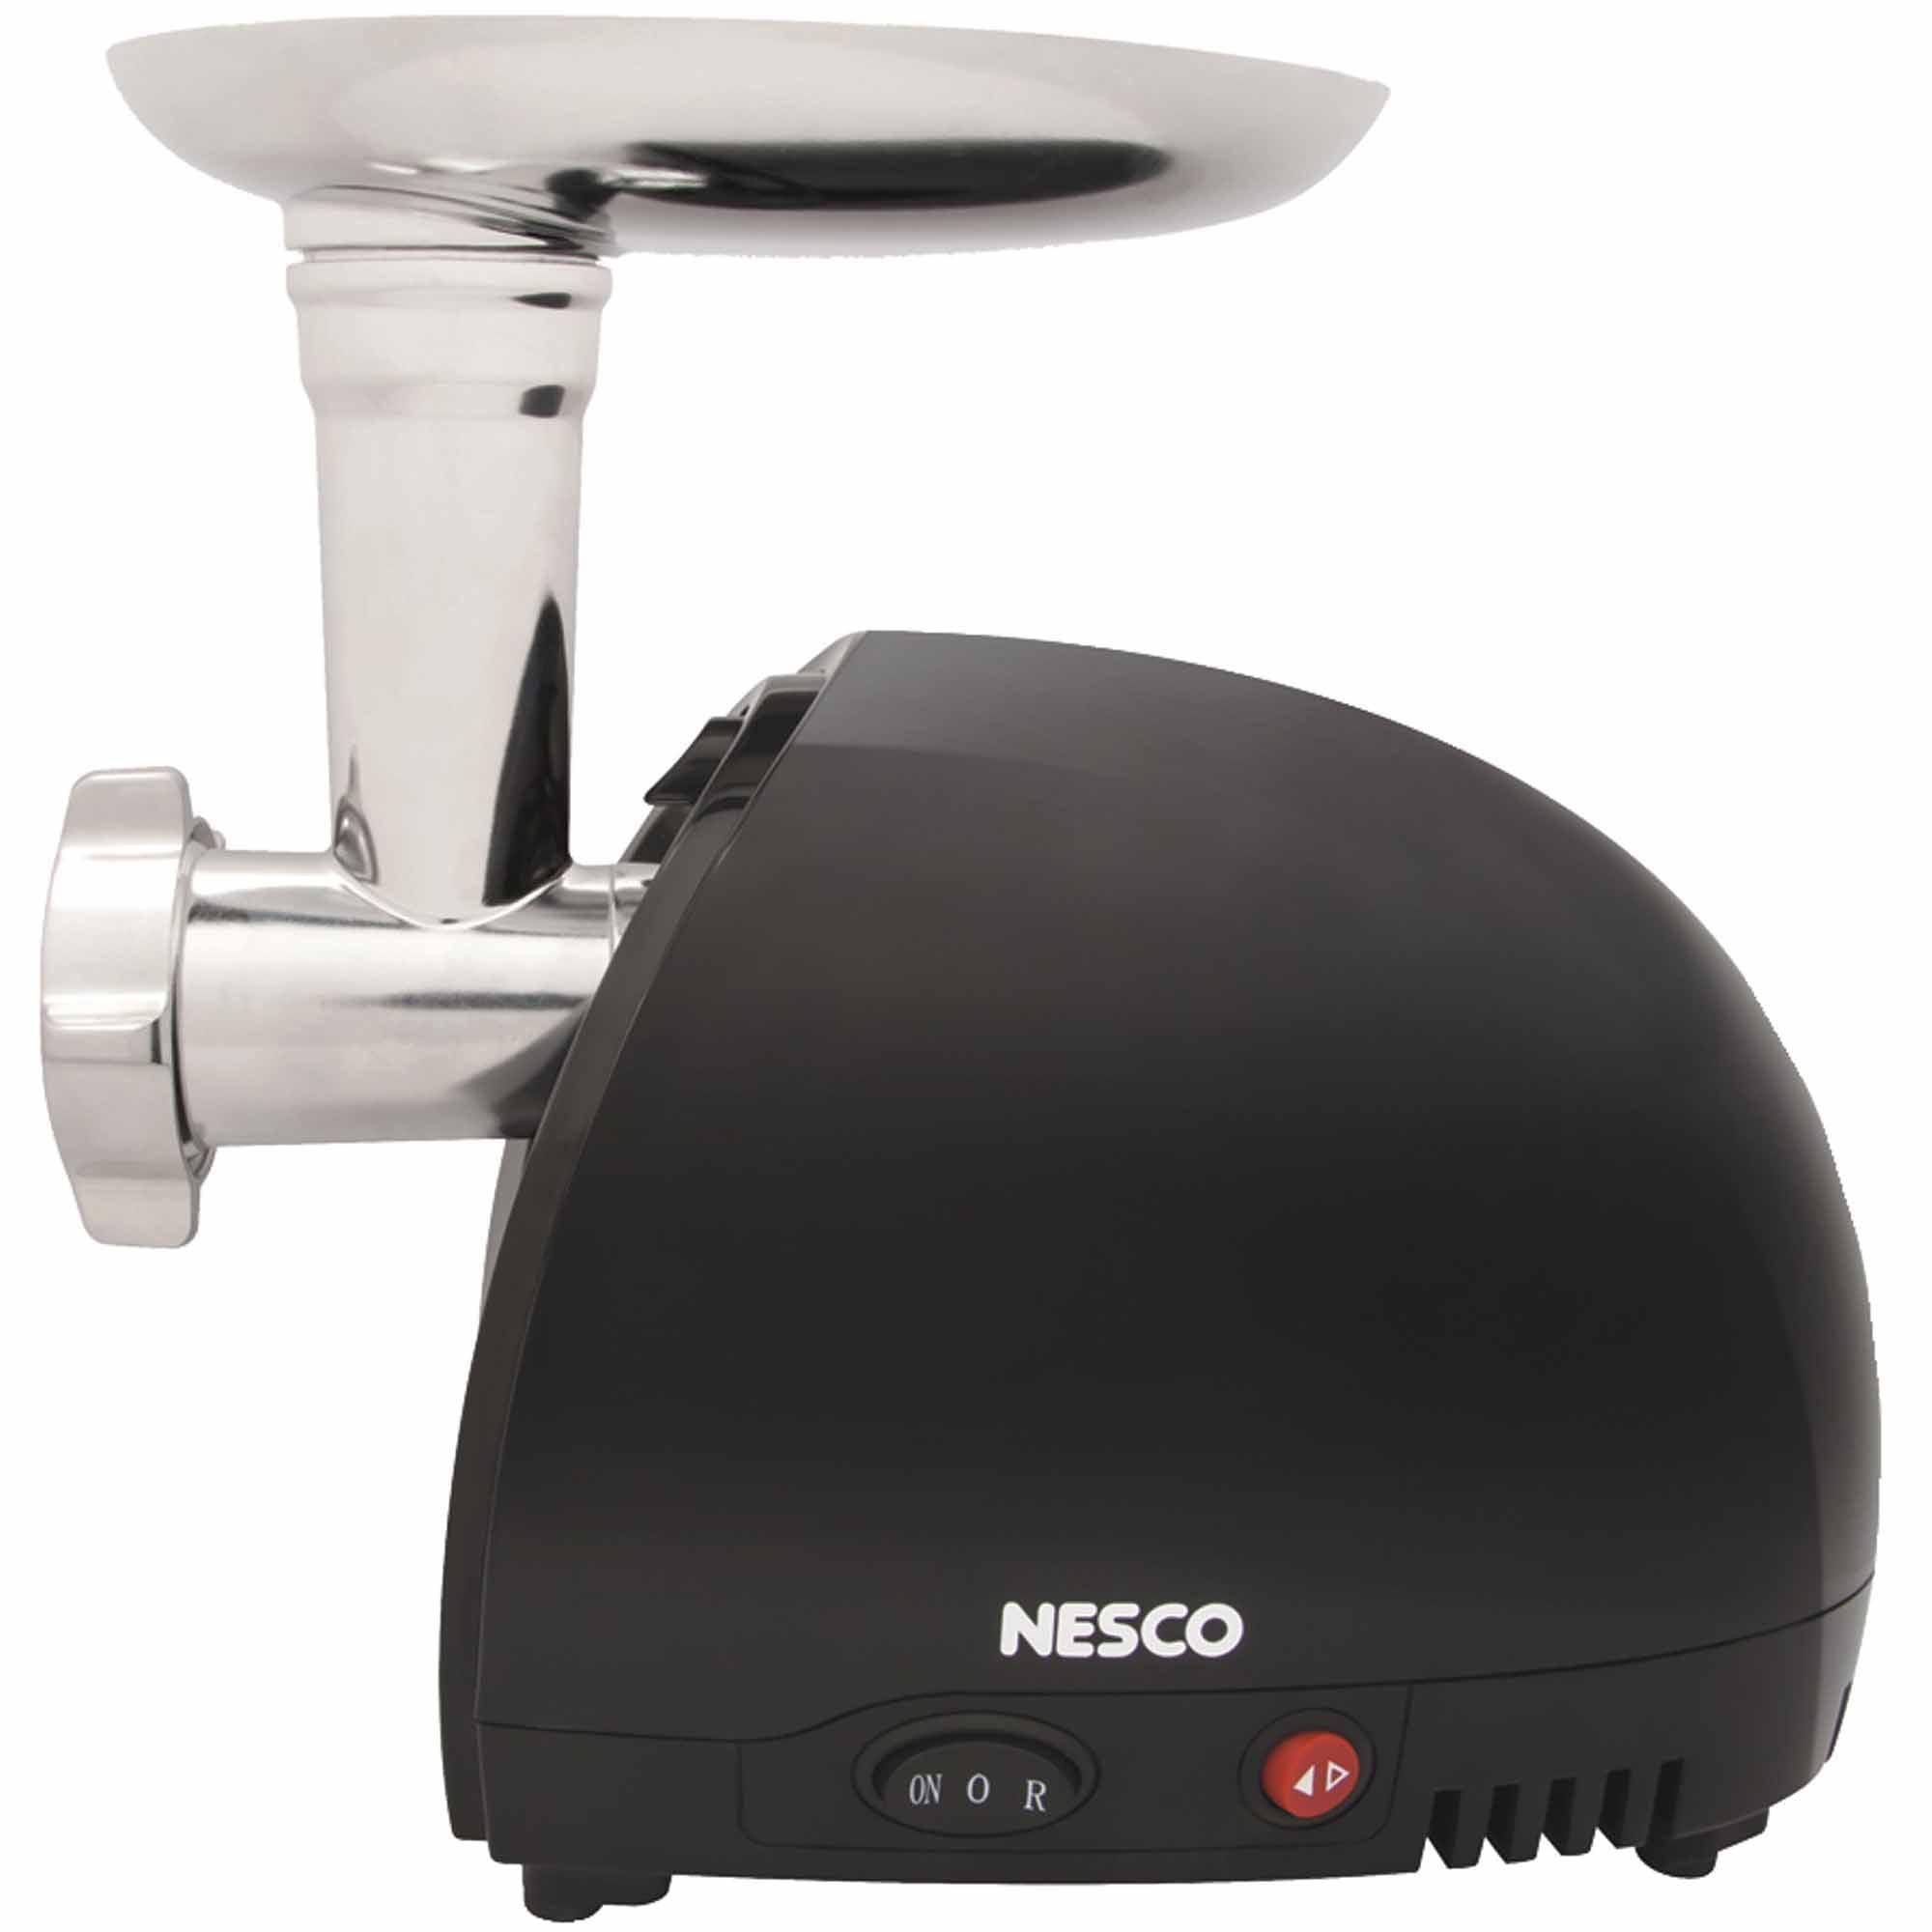 Nesco FG-100 500-Watt Food Grinder, Gray